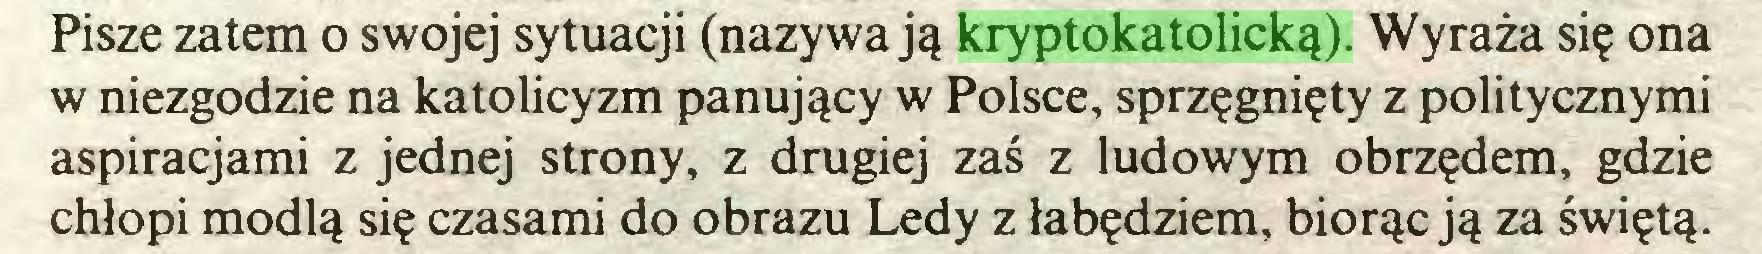 (...) Pisze zatem o swojej sytuacji (nazywają kryptokatolicką). Wyraża się ona w niezgodzie na katolicyzm panujący w Polsce, sprzęgnięty z politycznymi aspiracjami z jednej strony, z drugiej zaś z ludowym obrzędem, gdzie chłopi modlą się czasami do obrazu Ledy z łabędziem, biorąc ją za świętą...